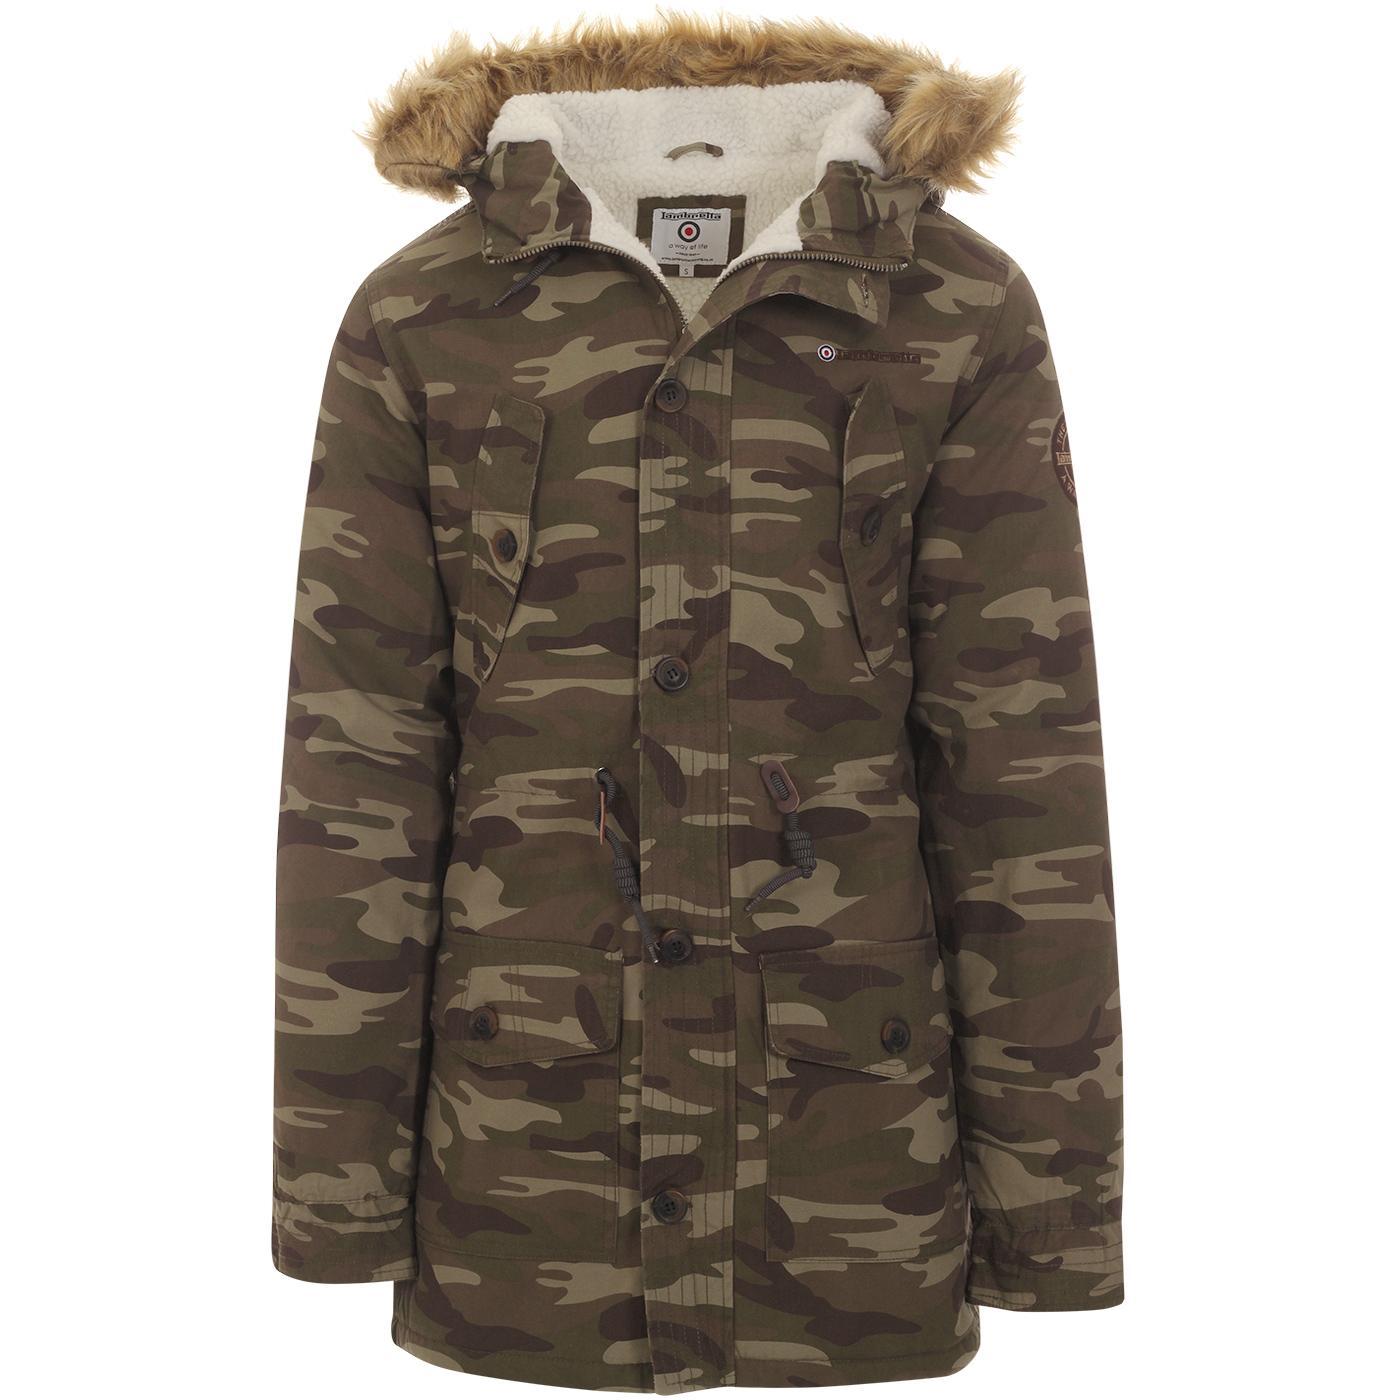 LAMBRETTA Mod Camo Hooded Fishtail Parka Jacket